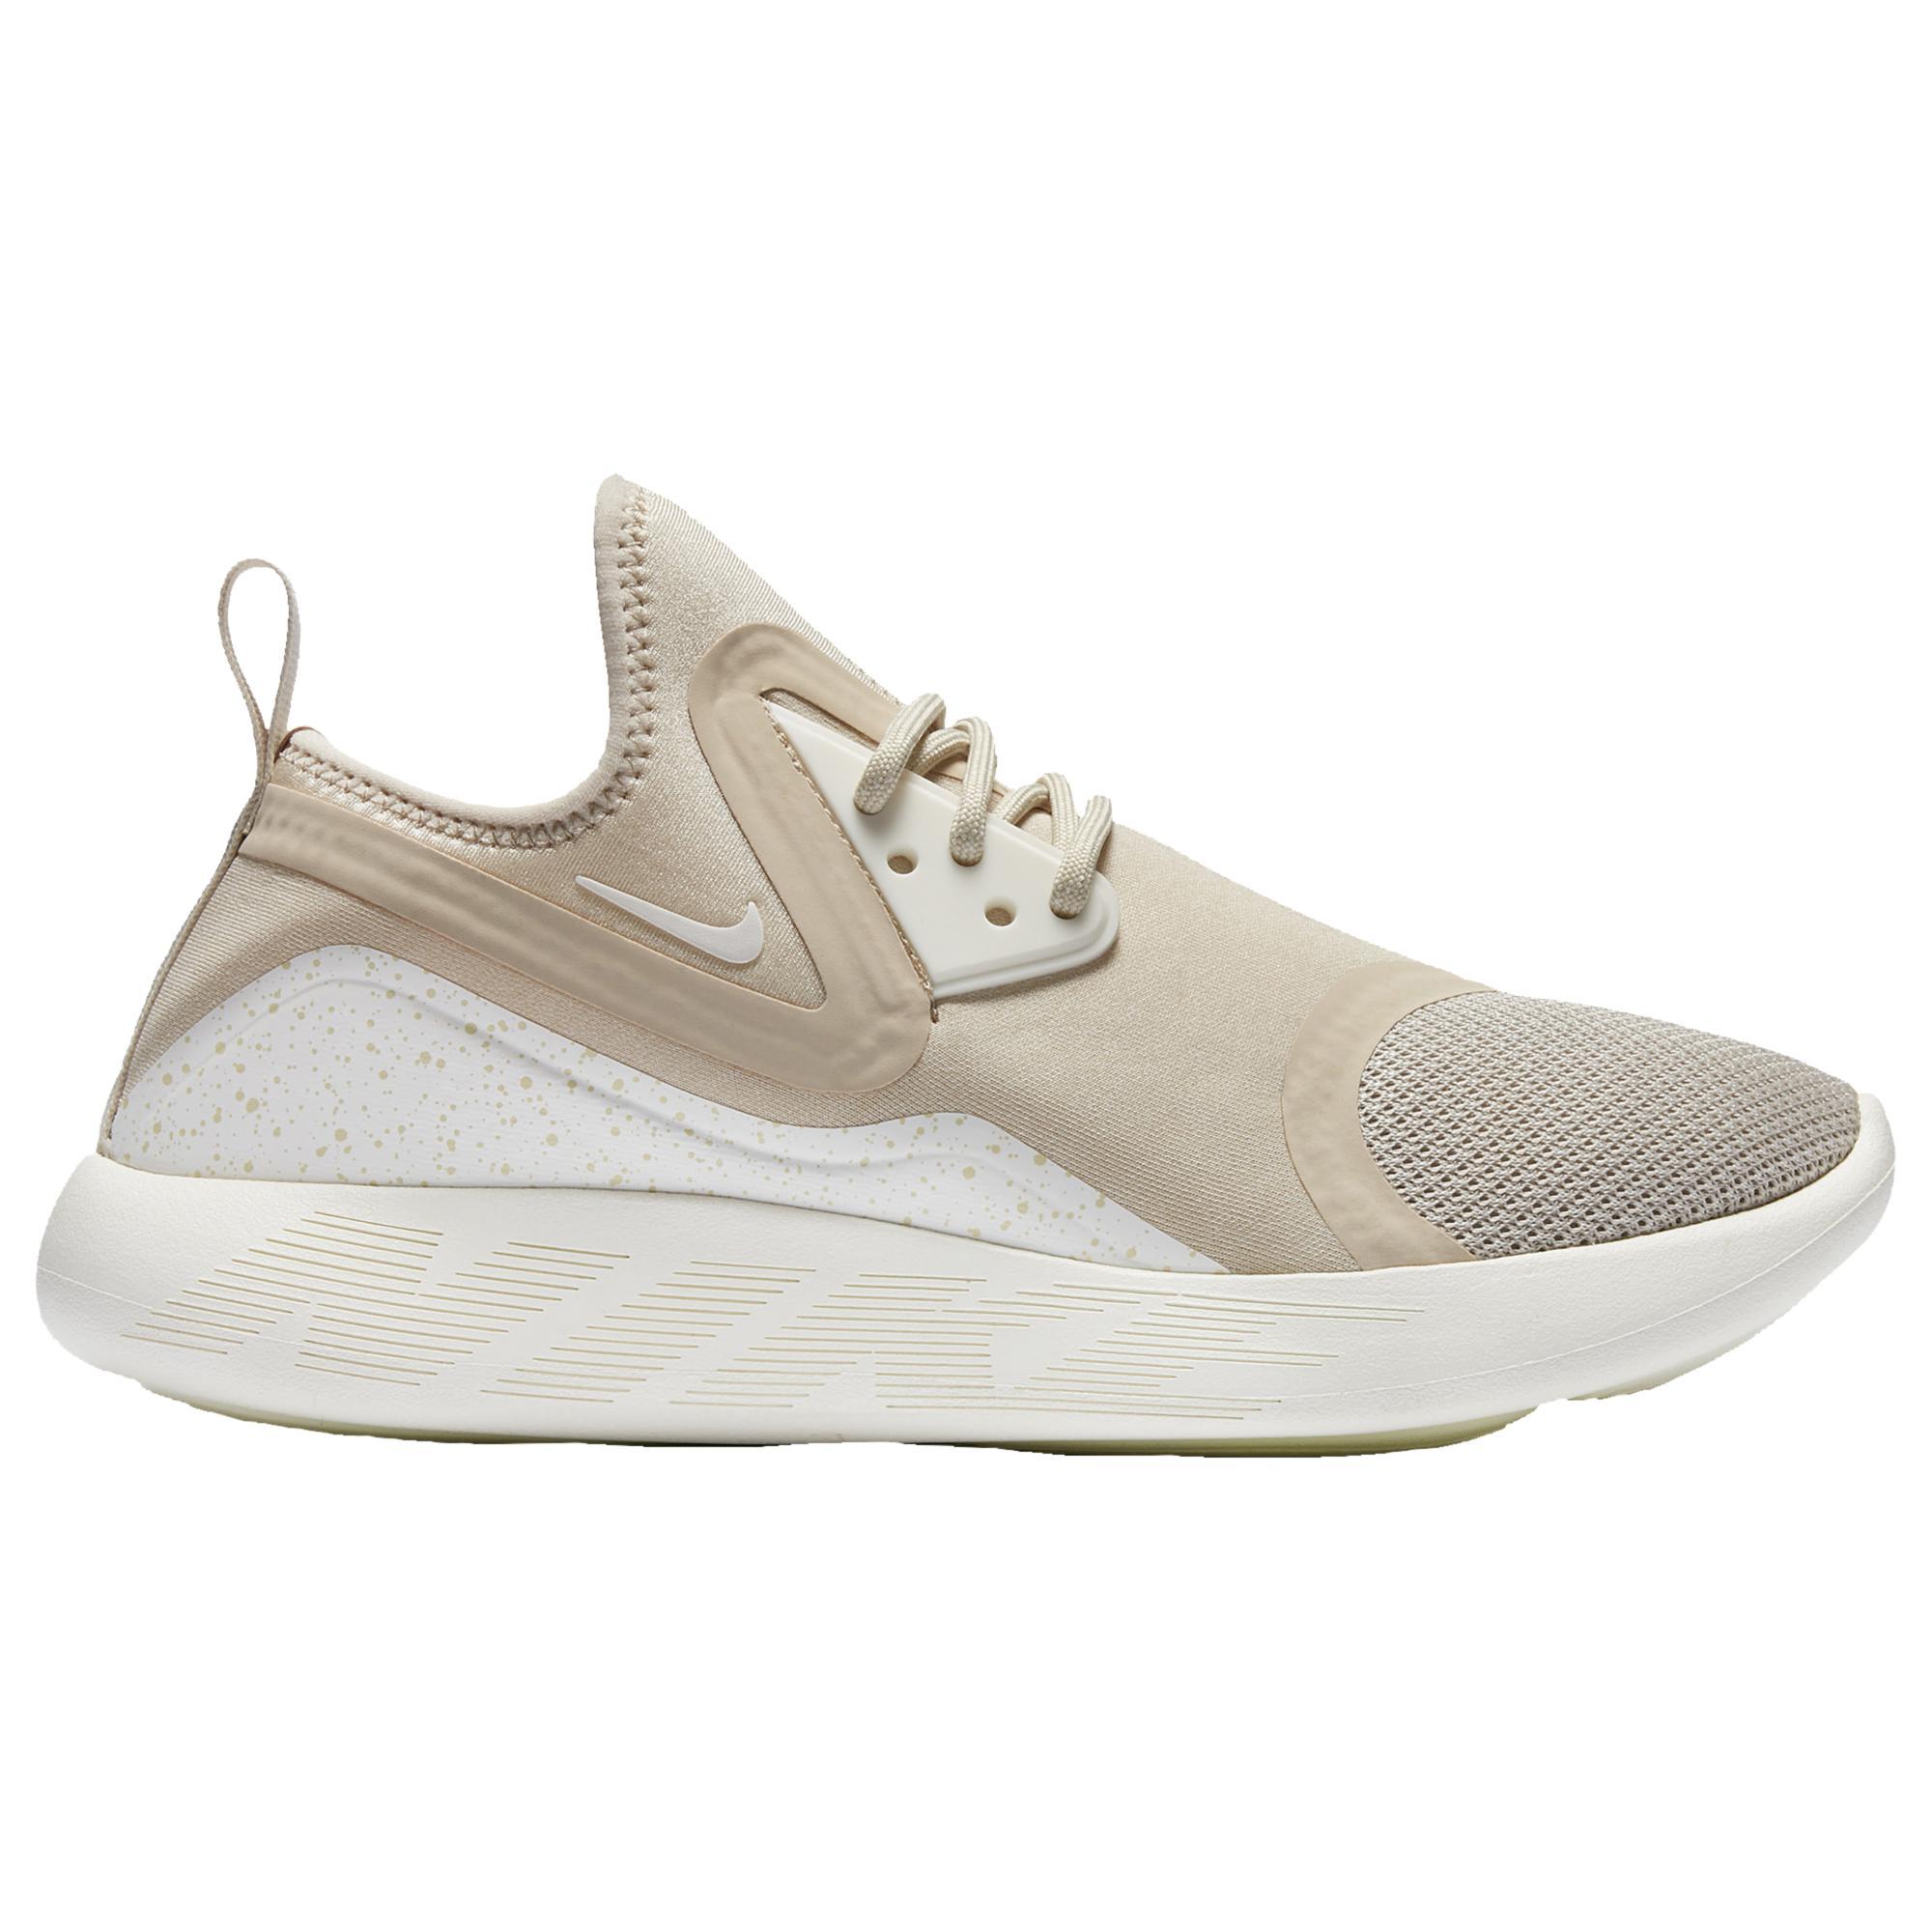 b4b3957dd3 Nike. Women's Lunarcharge Essential